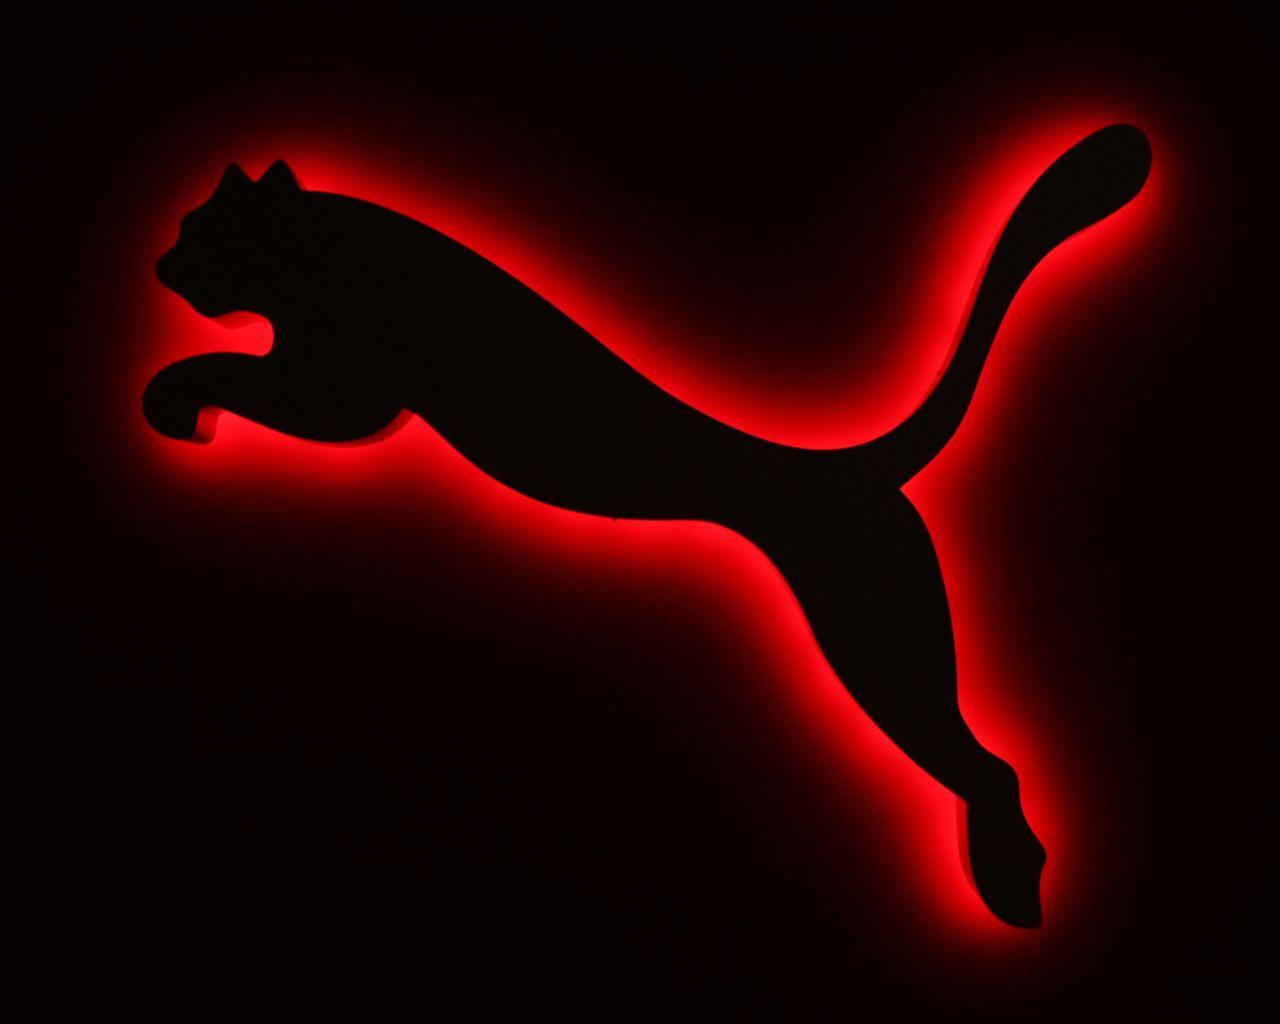 Black And Red Jordan Logo Wallpaper